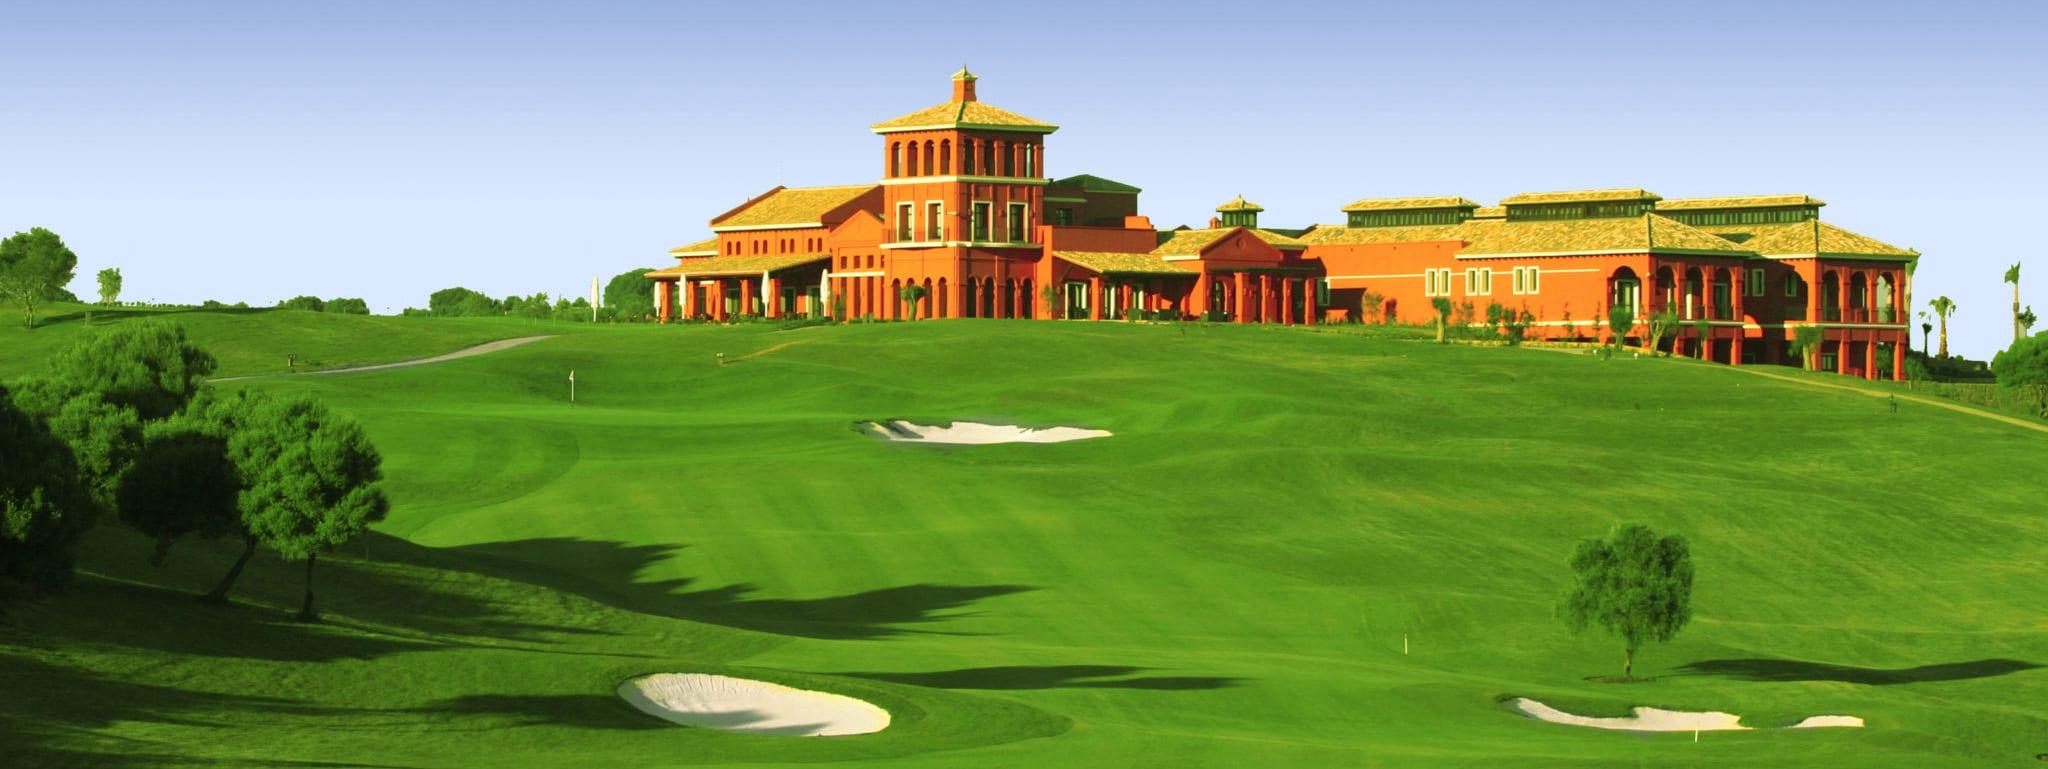 La reserva golf course